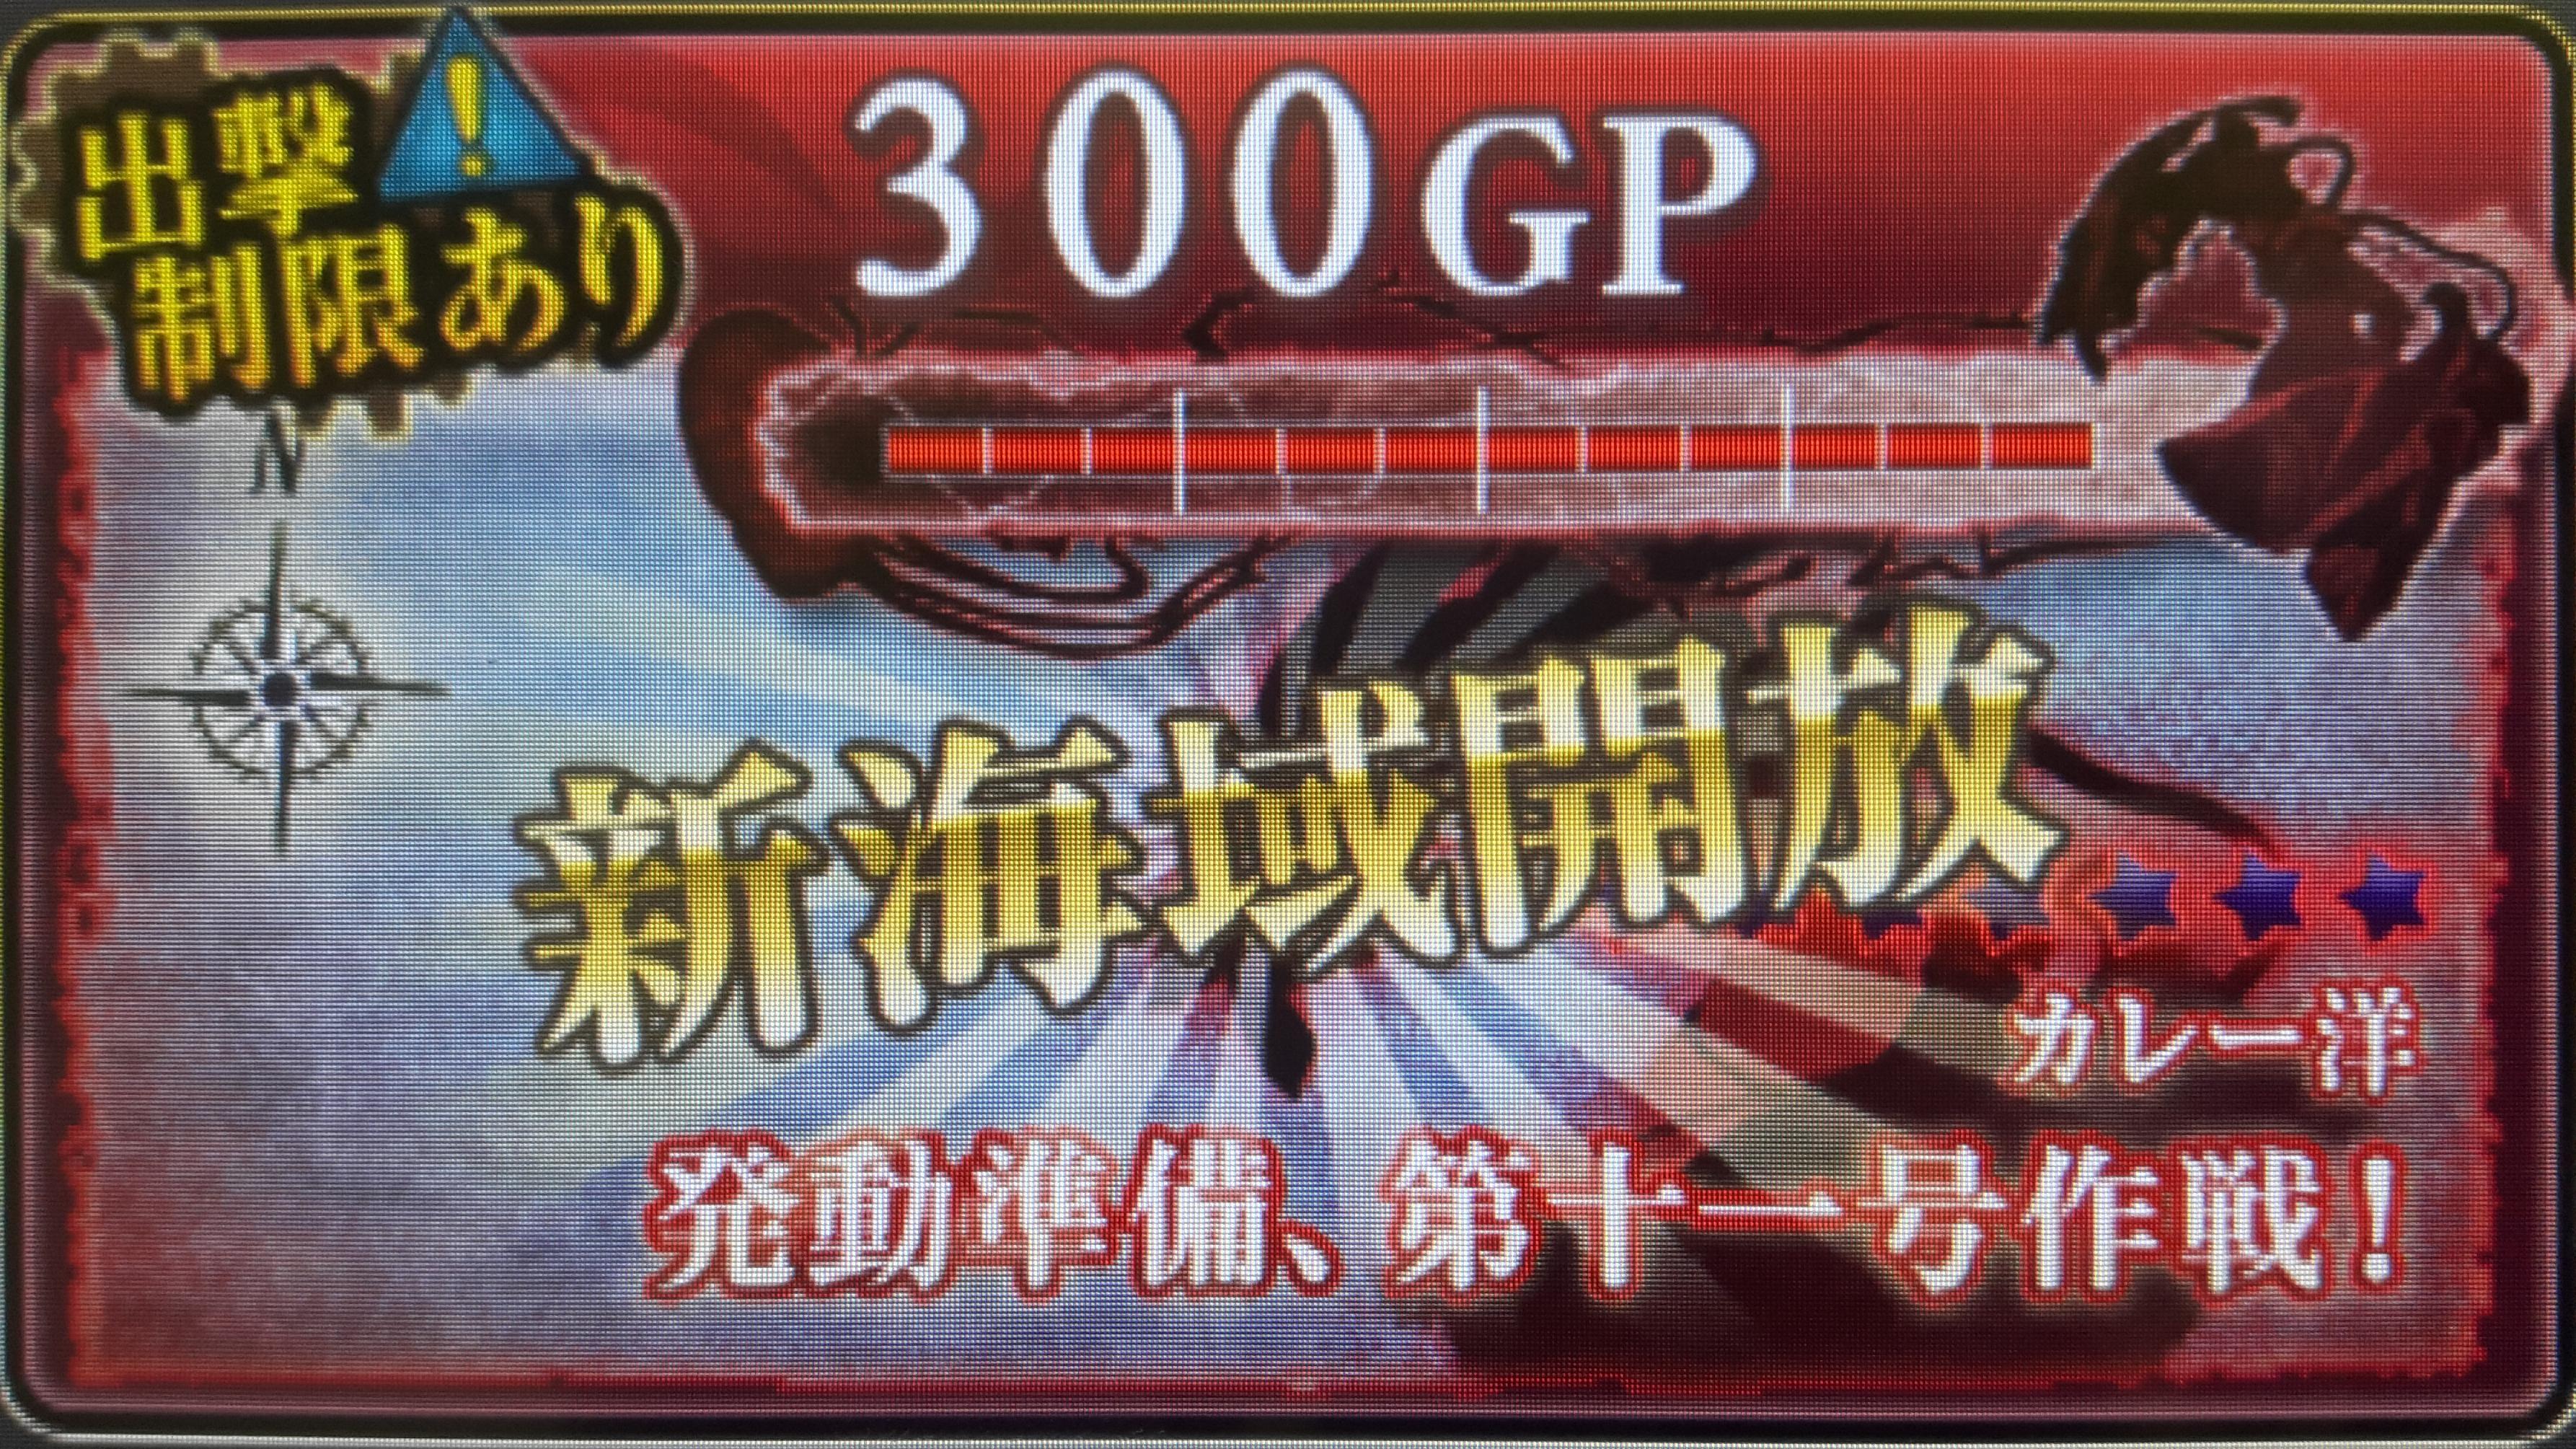 【AC】E1 発動準備、第十一号作戦!(甲作戦)攻略